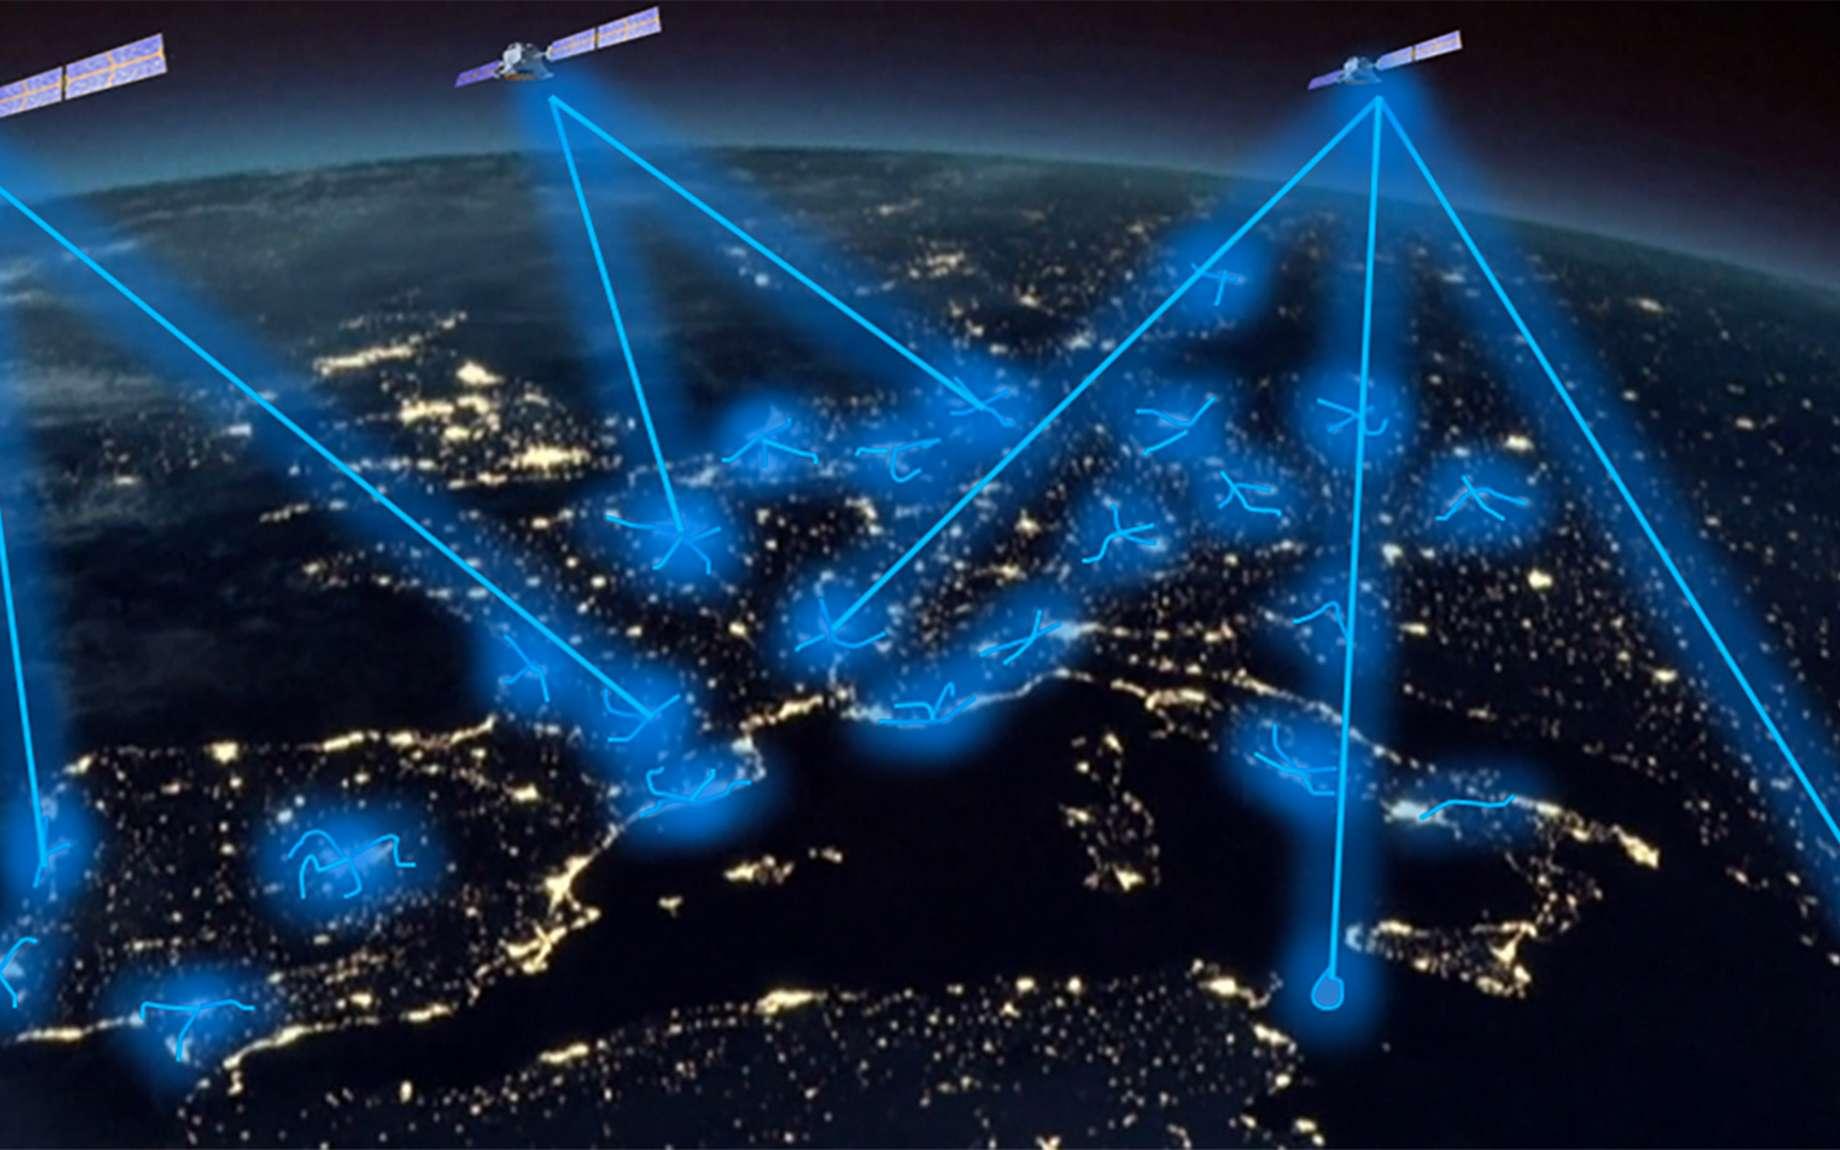 La future infrastructure de télécommunications quantiques européenne s'appuiera sur un réseau terrestre de fibre optique et une constellation de satellites. © Thales